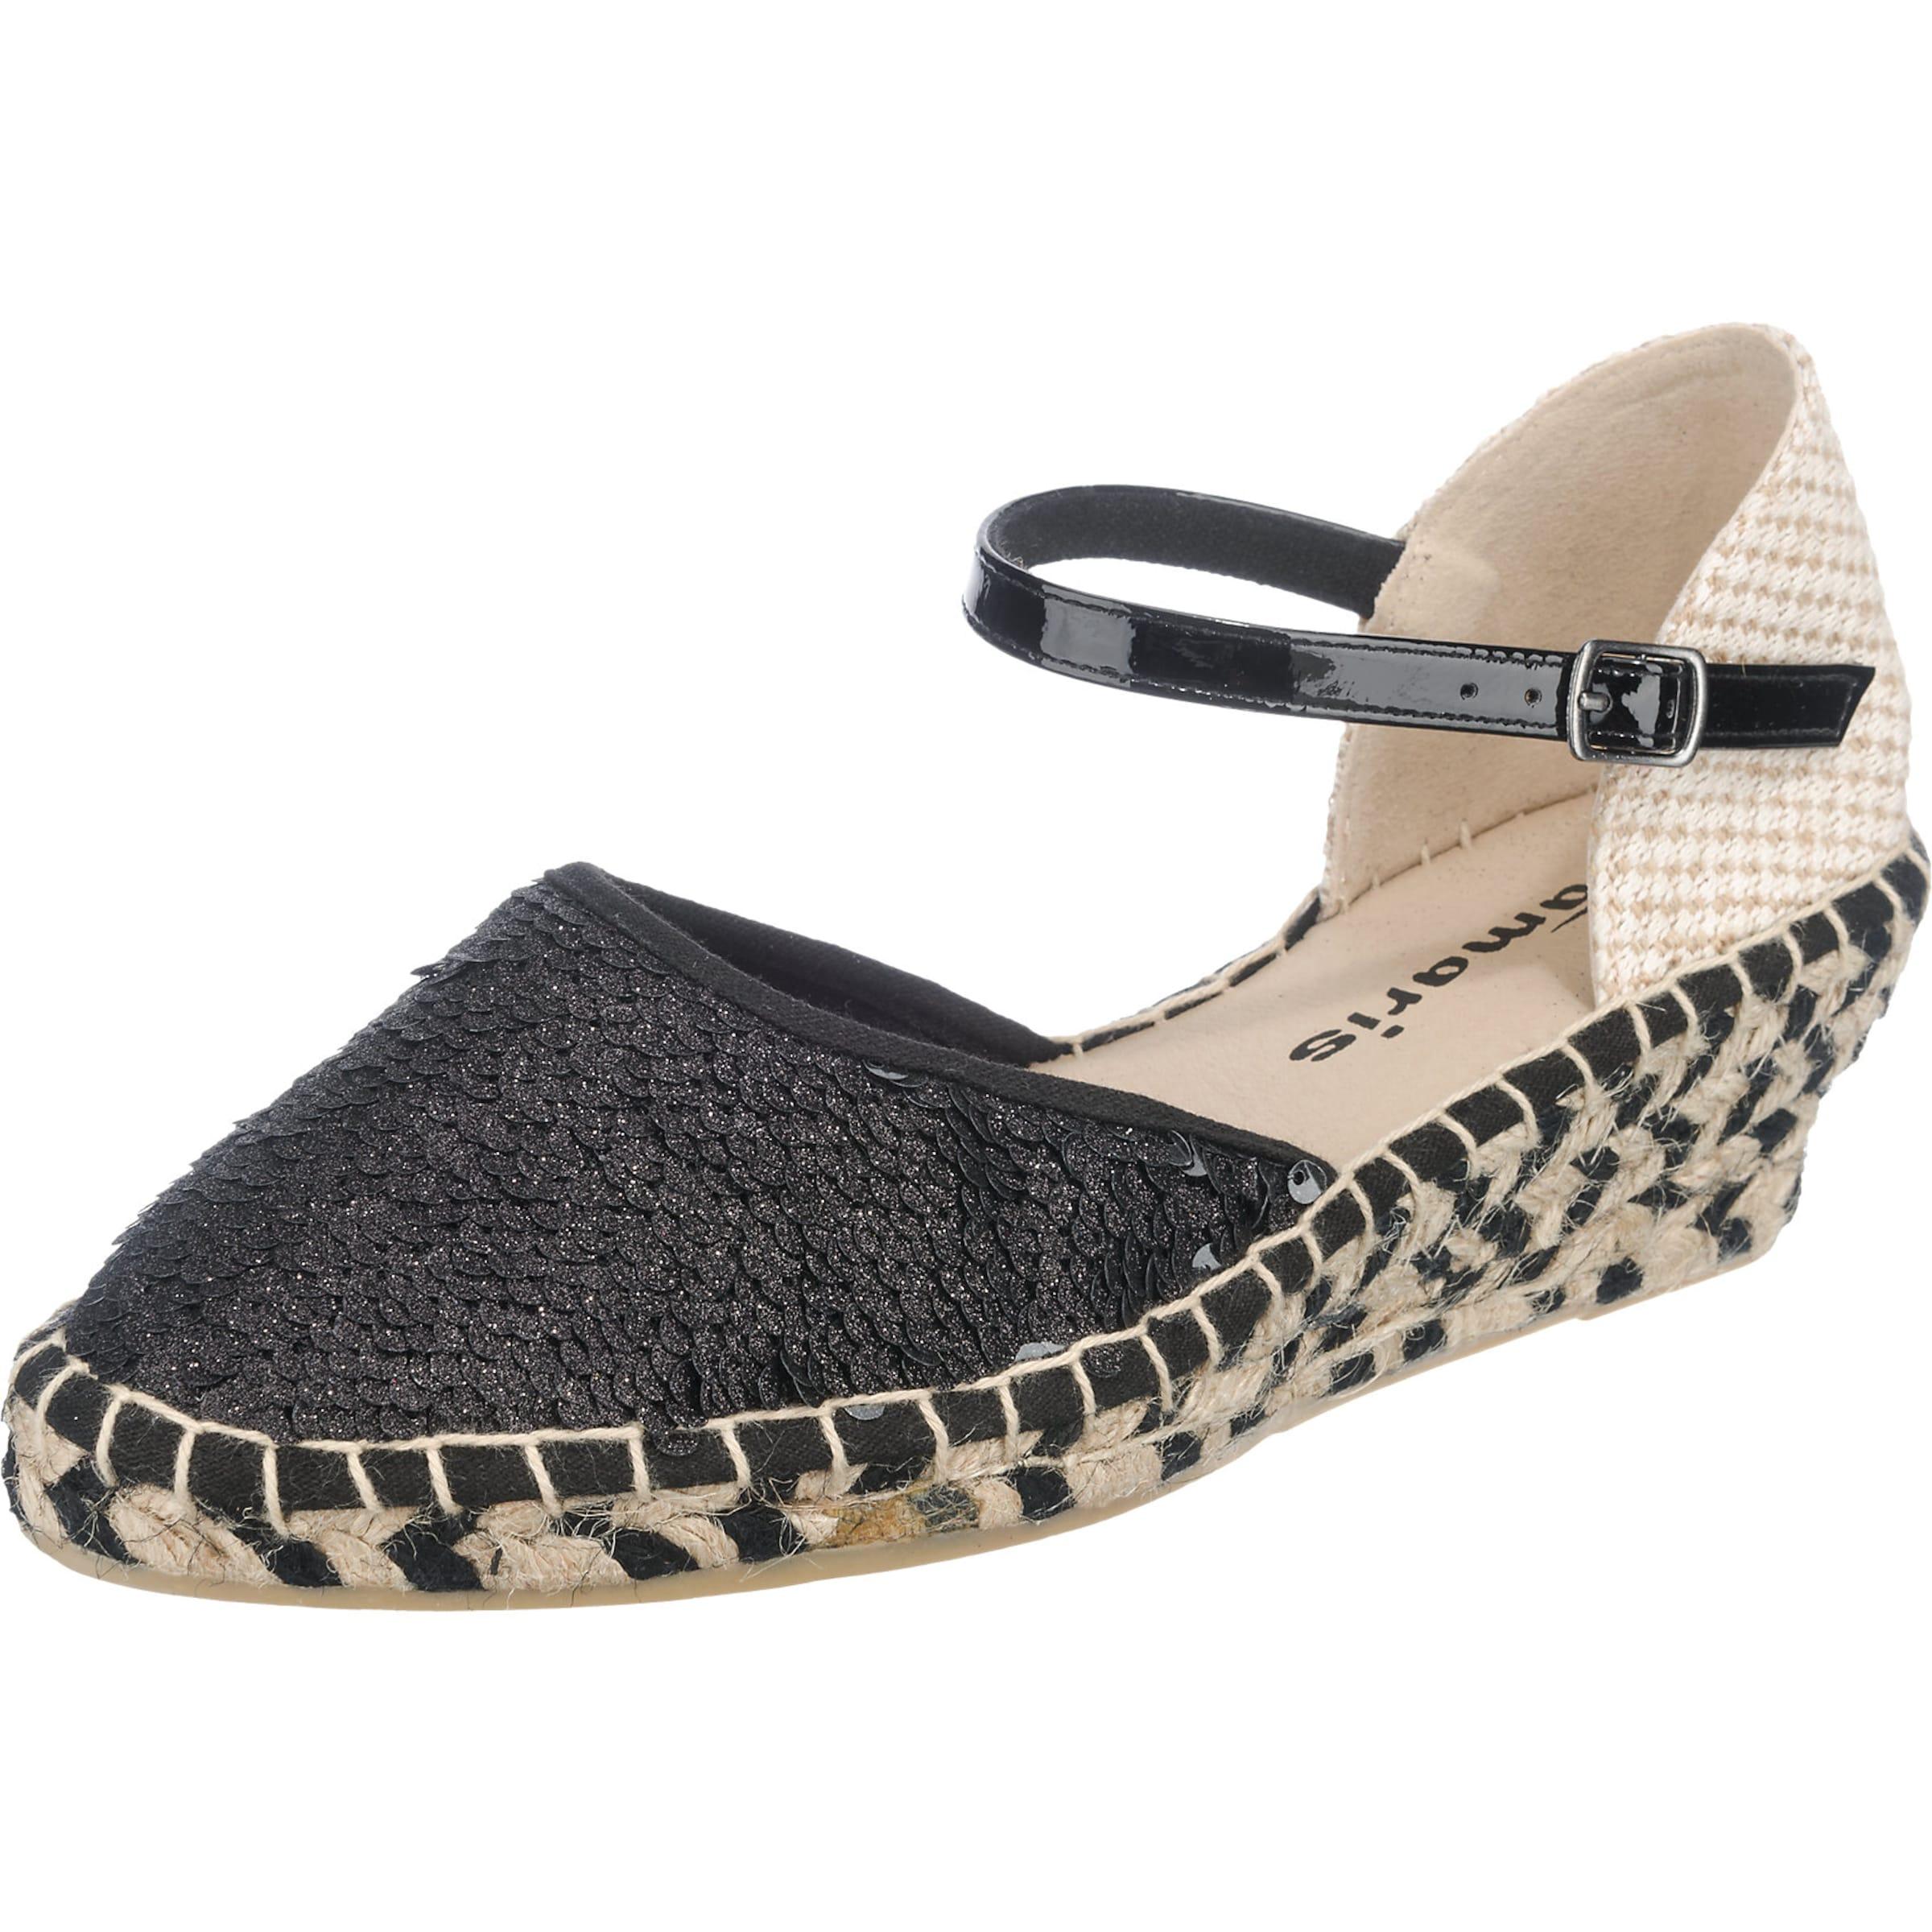 TAMARIS Verschleißfeste billige Schuhe Rennes Slipper